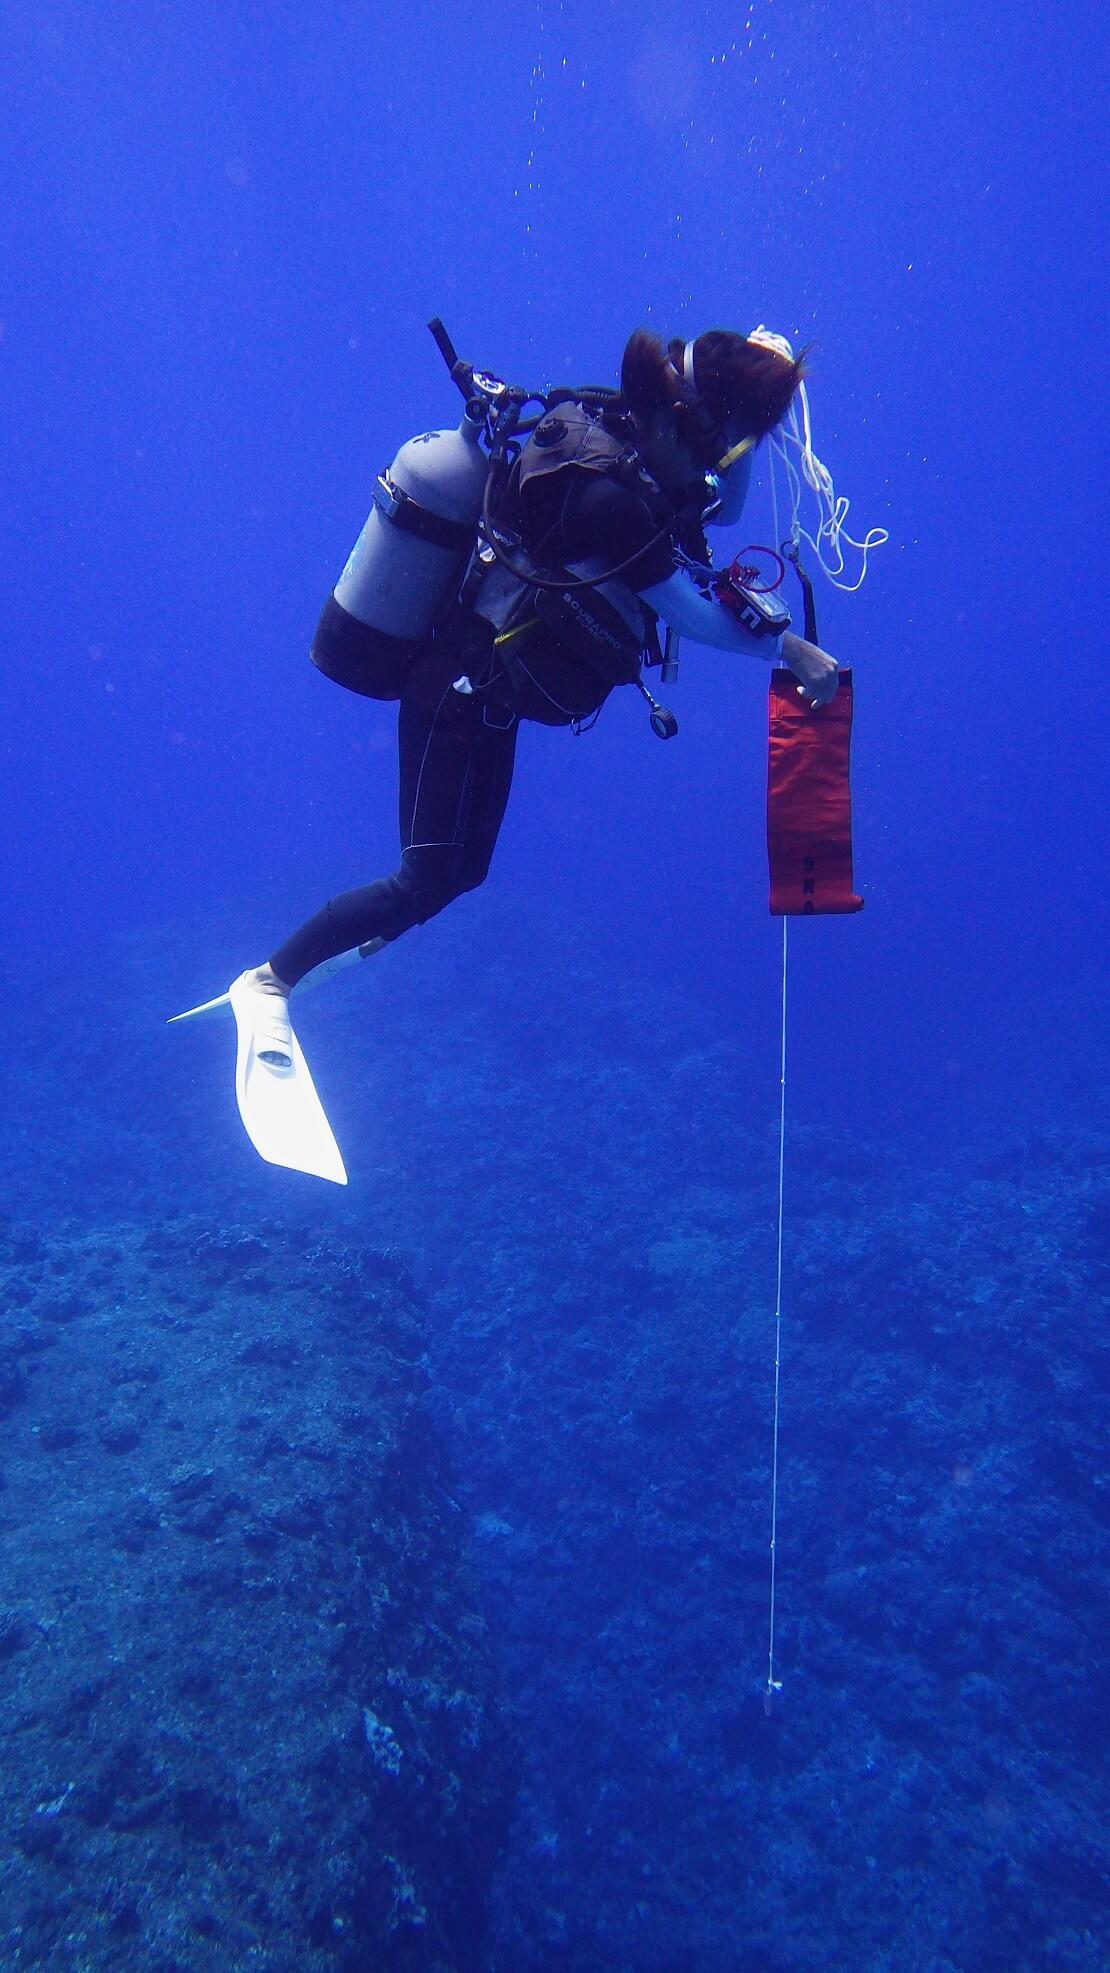 Taucher öffnet die Signalboje unter Wasser